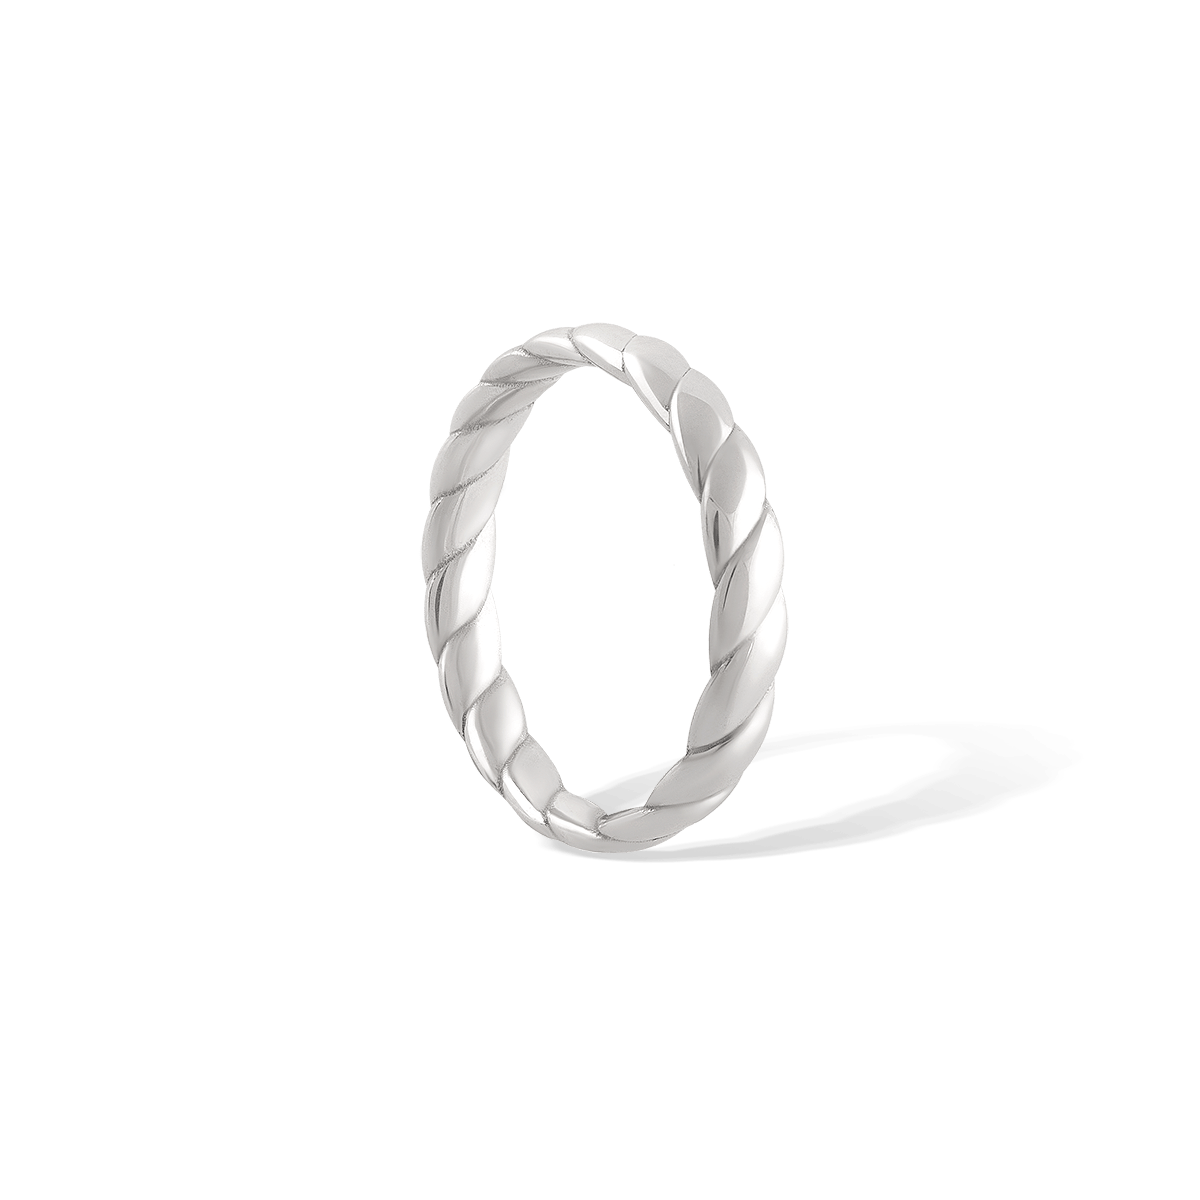 انگشتر نقره هِیلو Halo